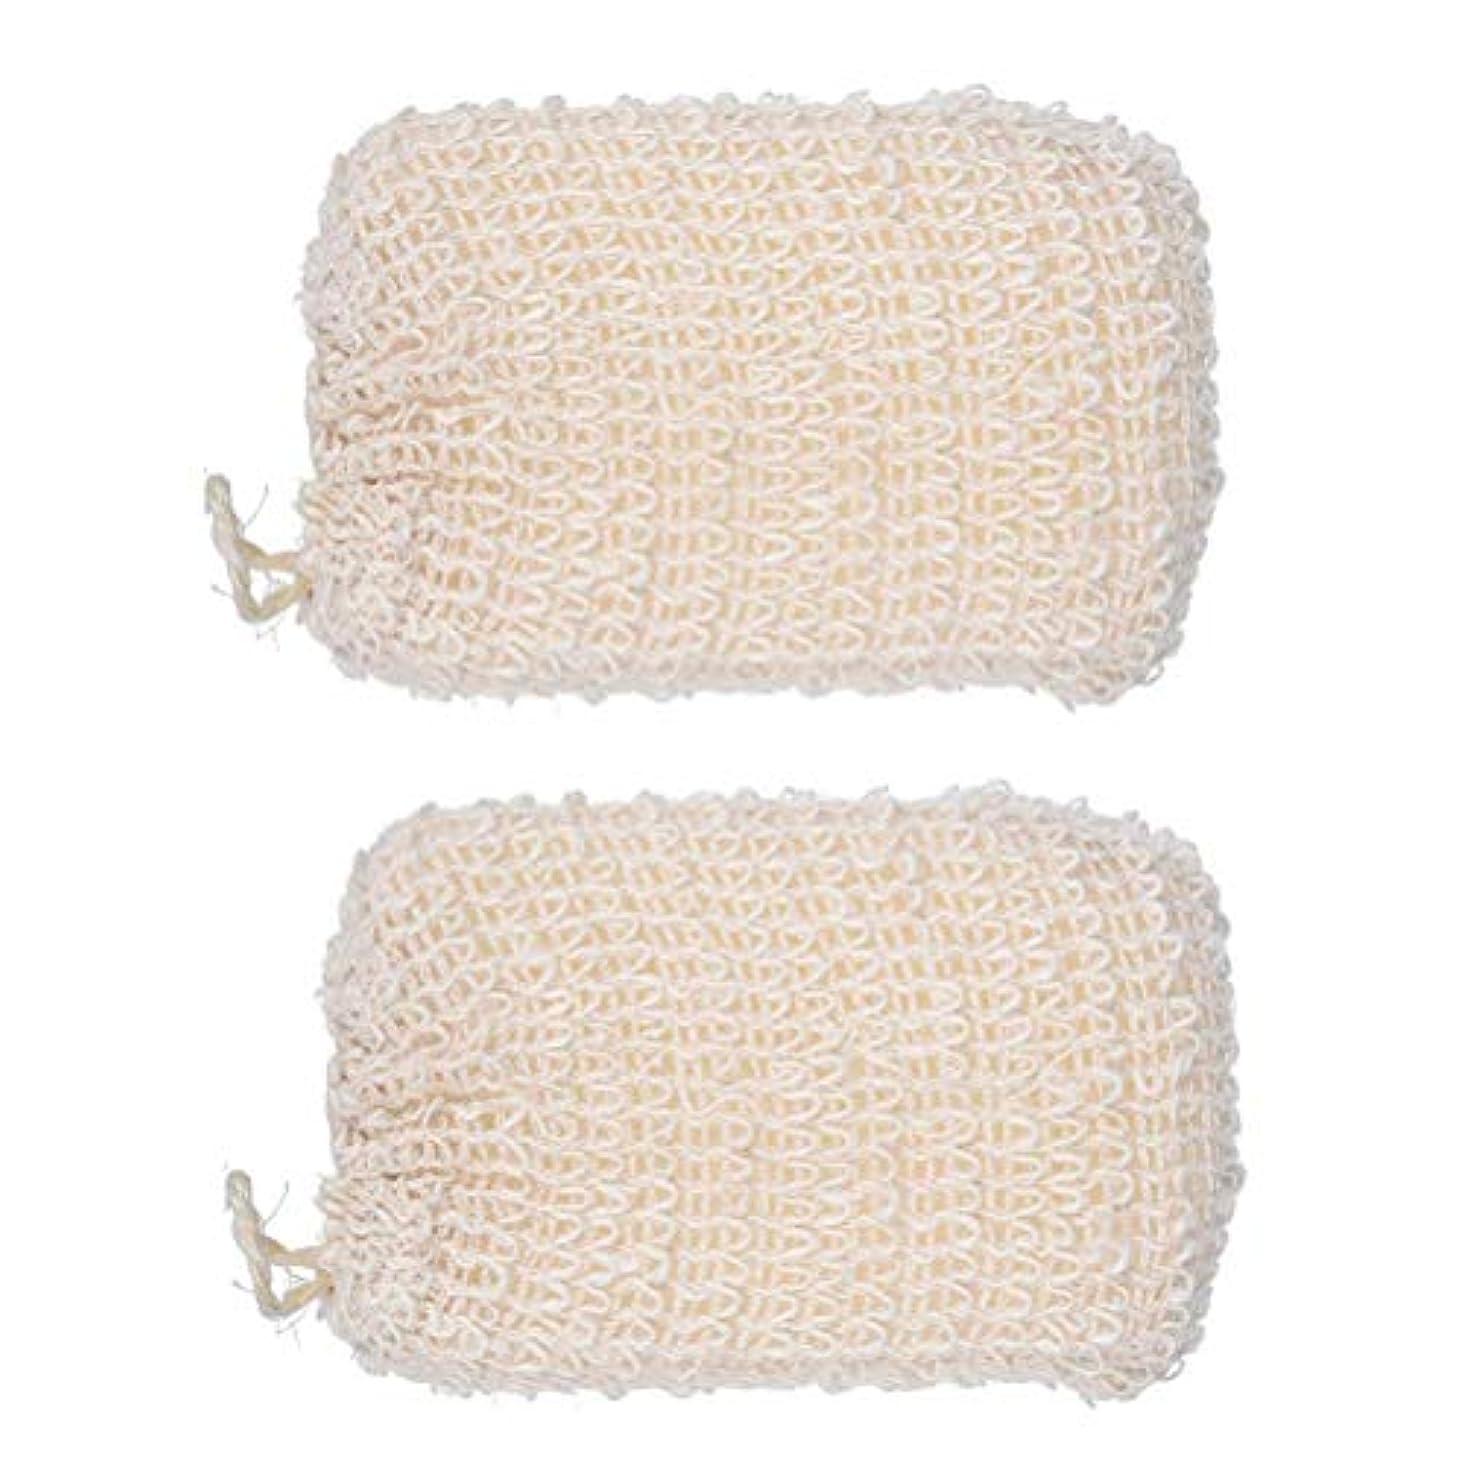 宇宙広まった採用Beaupretty 2ピース風呂スポンジ植物綿とリネン風呂ブラシ柔らかい風呂スポンジスクラバー用女性赤ちゃん子供(ベージュ)